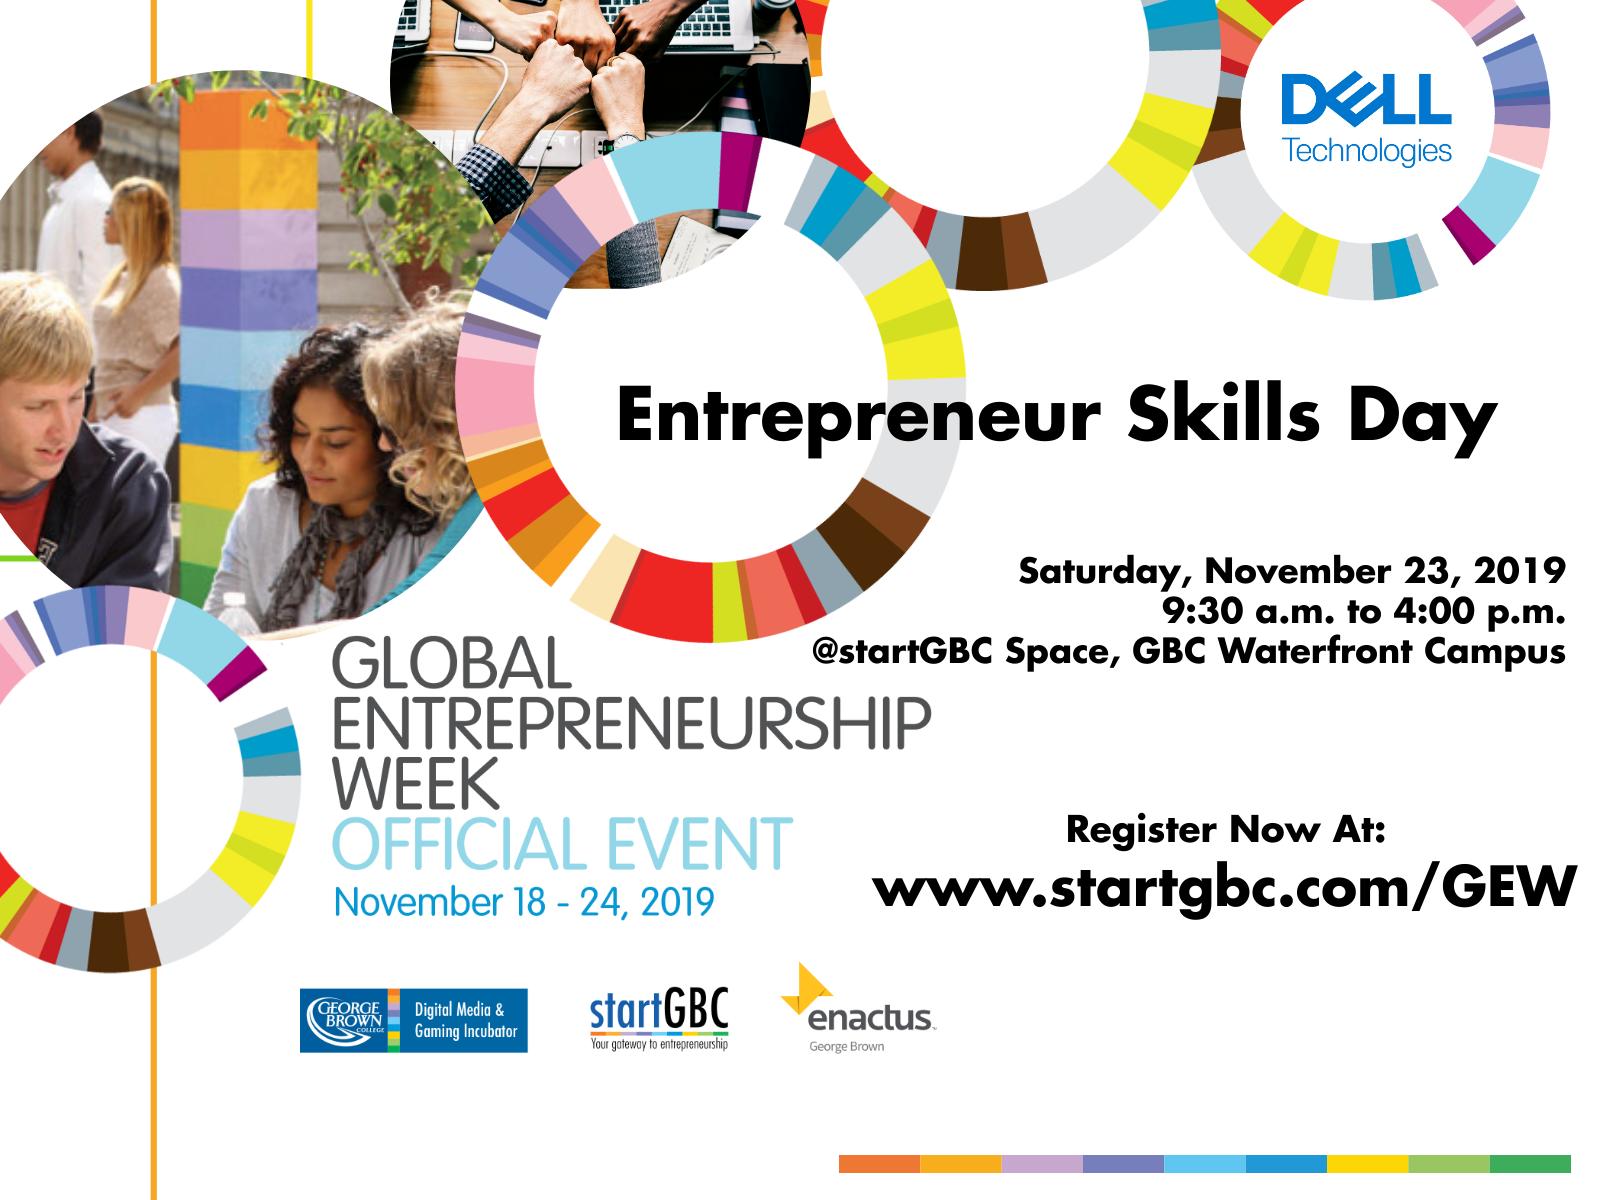 George Brown College Global Entrepreneurship Week 2019, Entrepreneur Skills Day